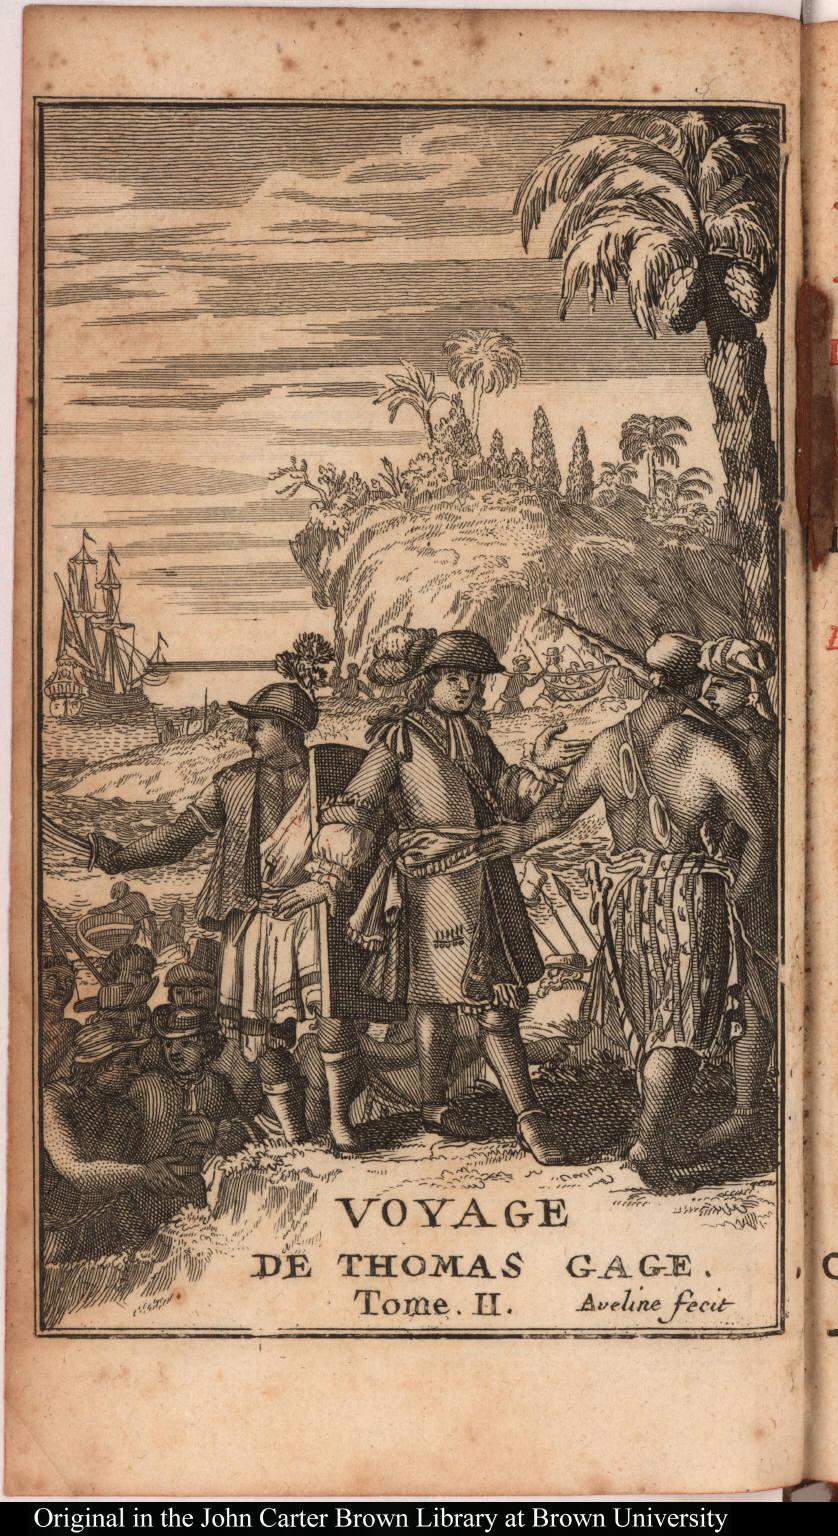 Voyage de Thomas Gage. Tome. II.